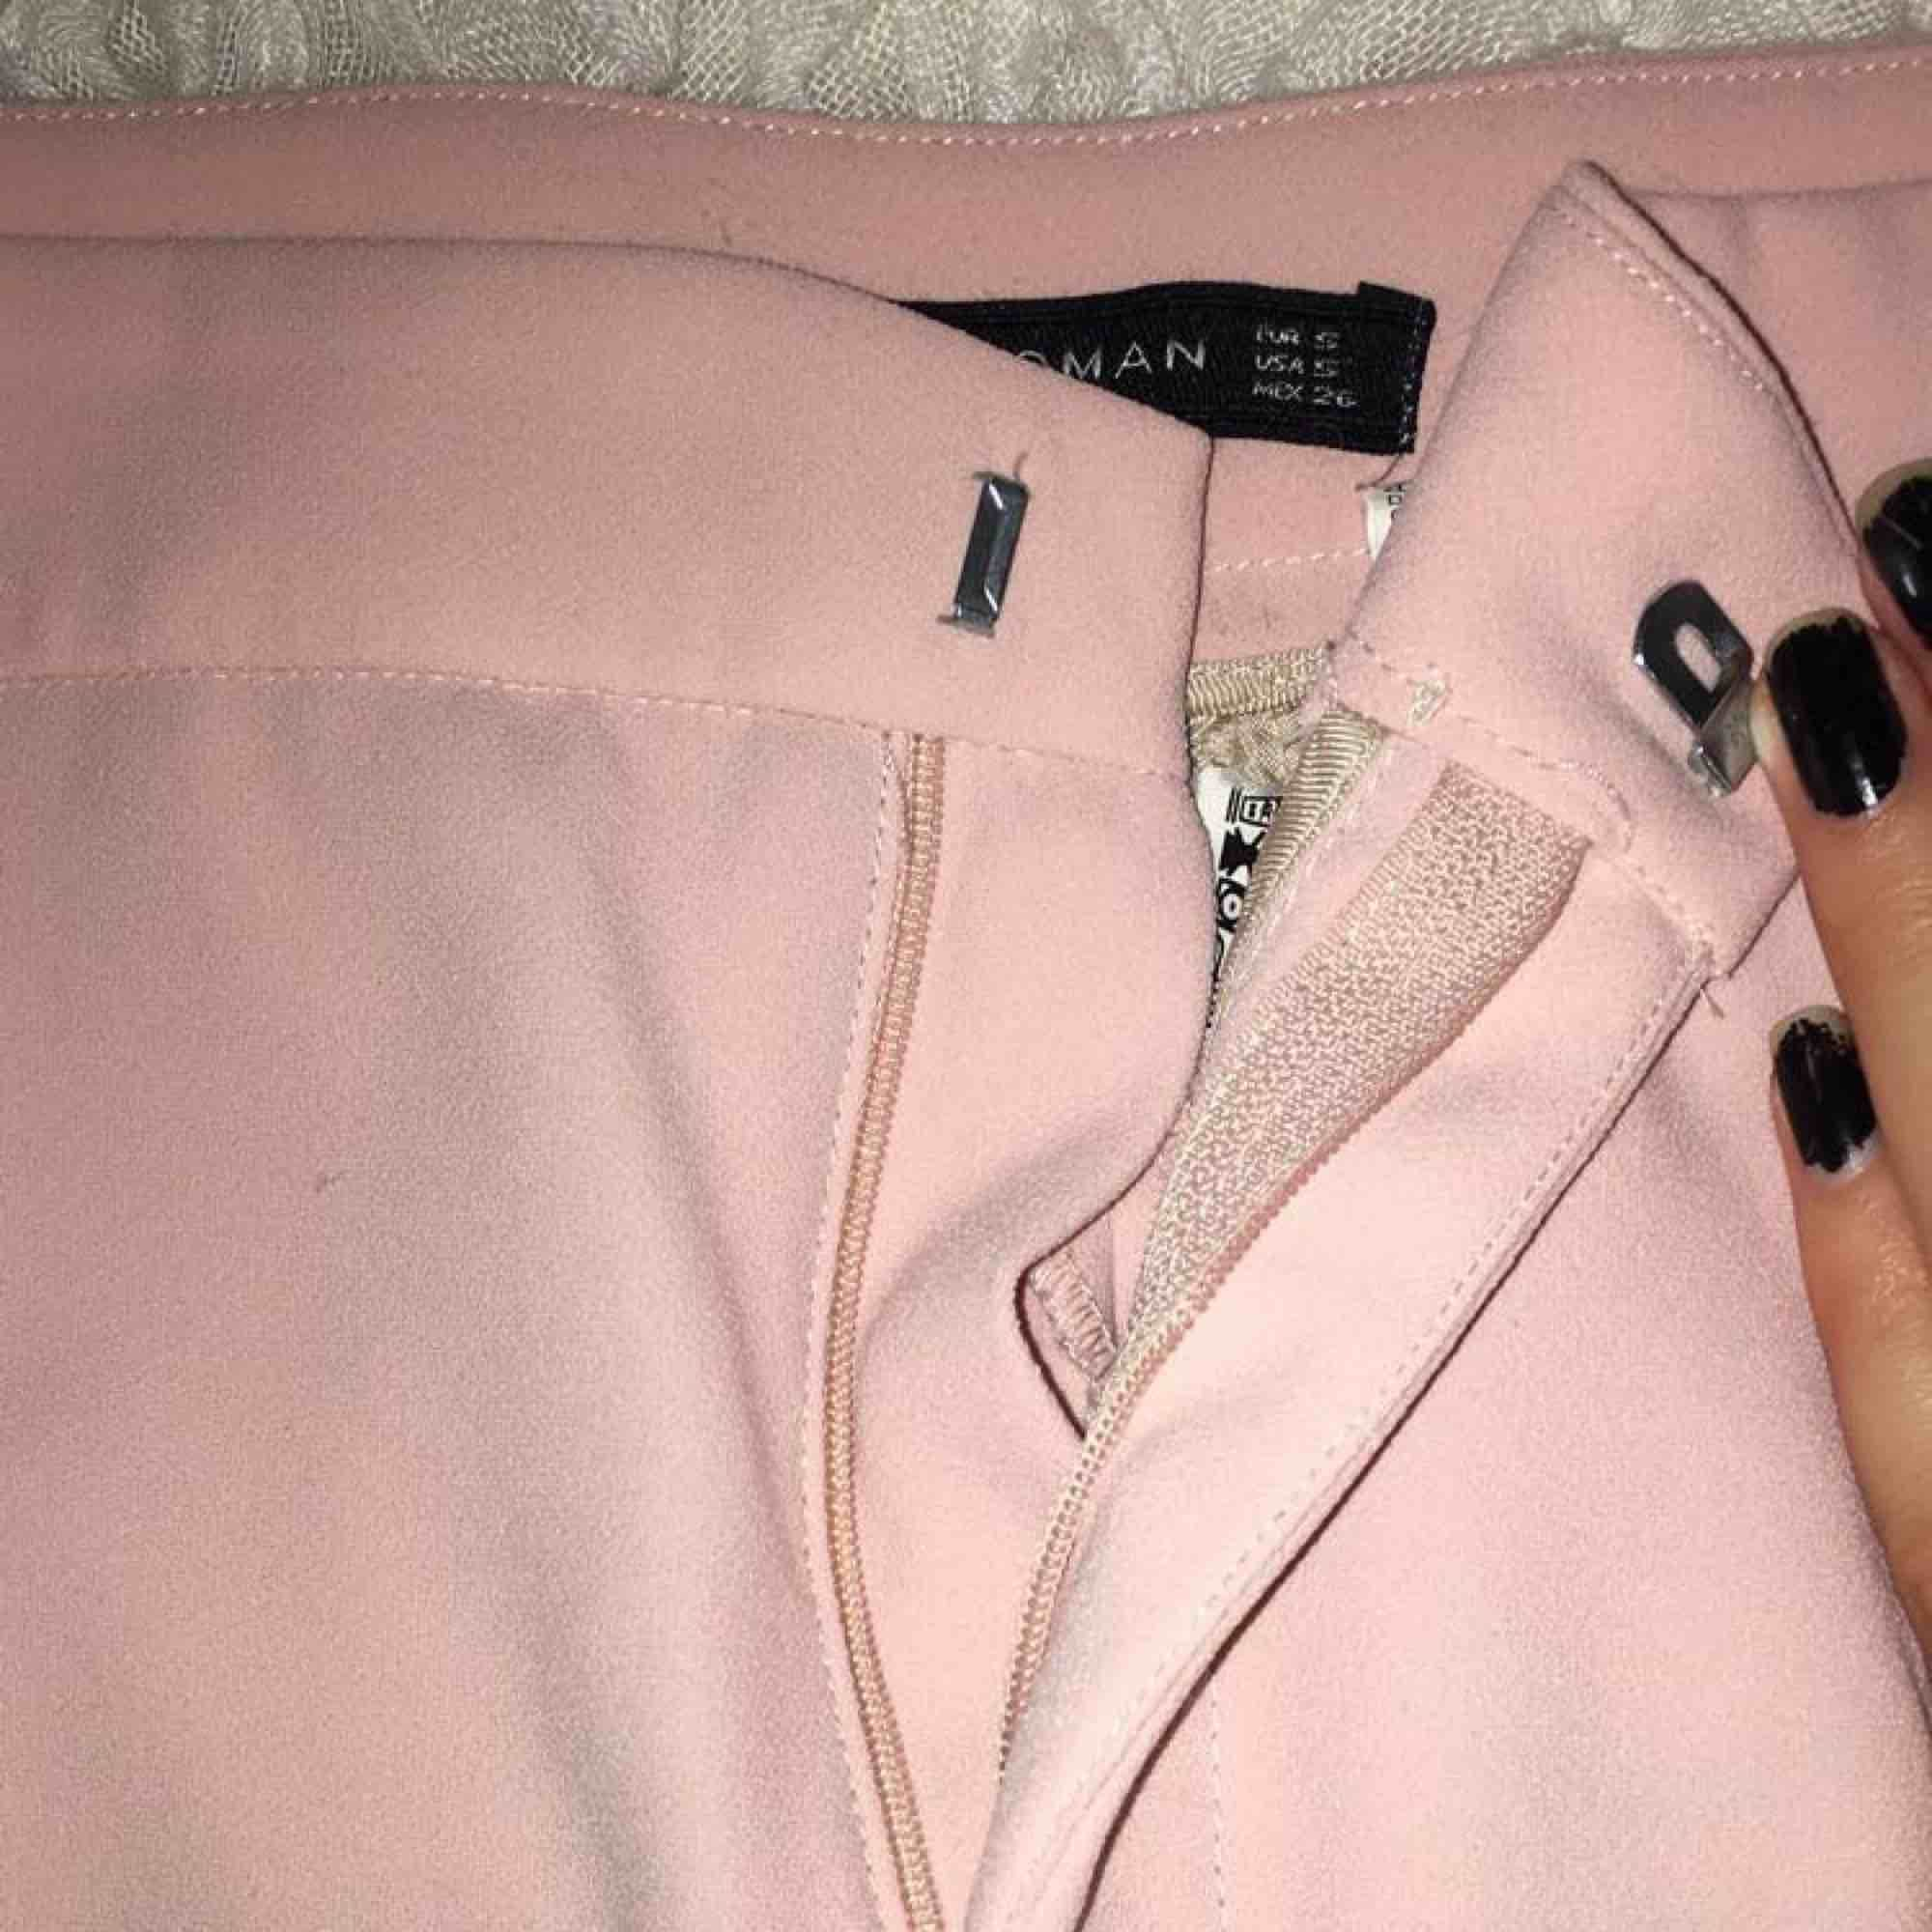 Sååå fina byxor från Zara i den finaste rosa färgen💕💕💕 Fått så mycket komplimanger för dessa!😍 Har volanger längs båda benen. Pga att dragkedjegrejjen lossnat säljs de så billigt. Lätt att laga ⭐️. Jeans & Byxor.